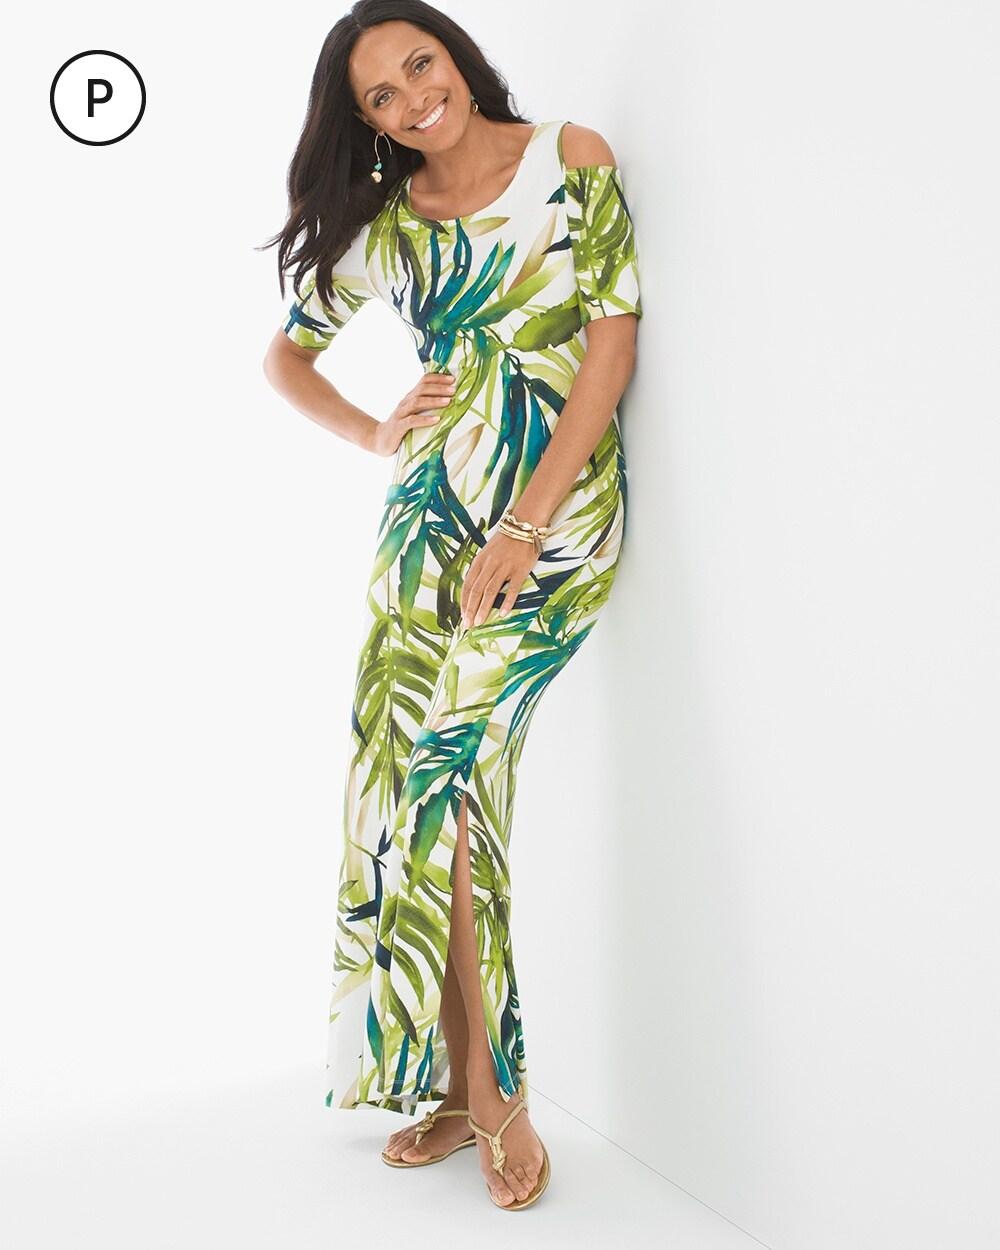 b05fb8f4d6 Petite Tropical Cold-Shoulder Maxi Dress - Chico's